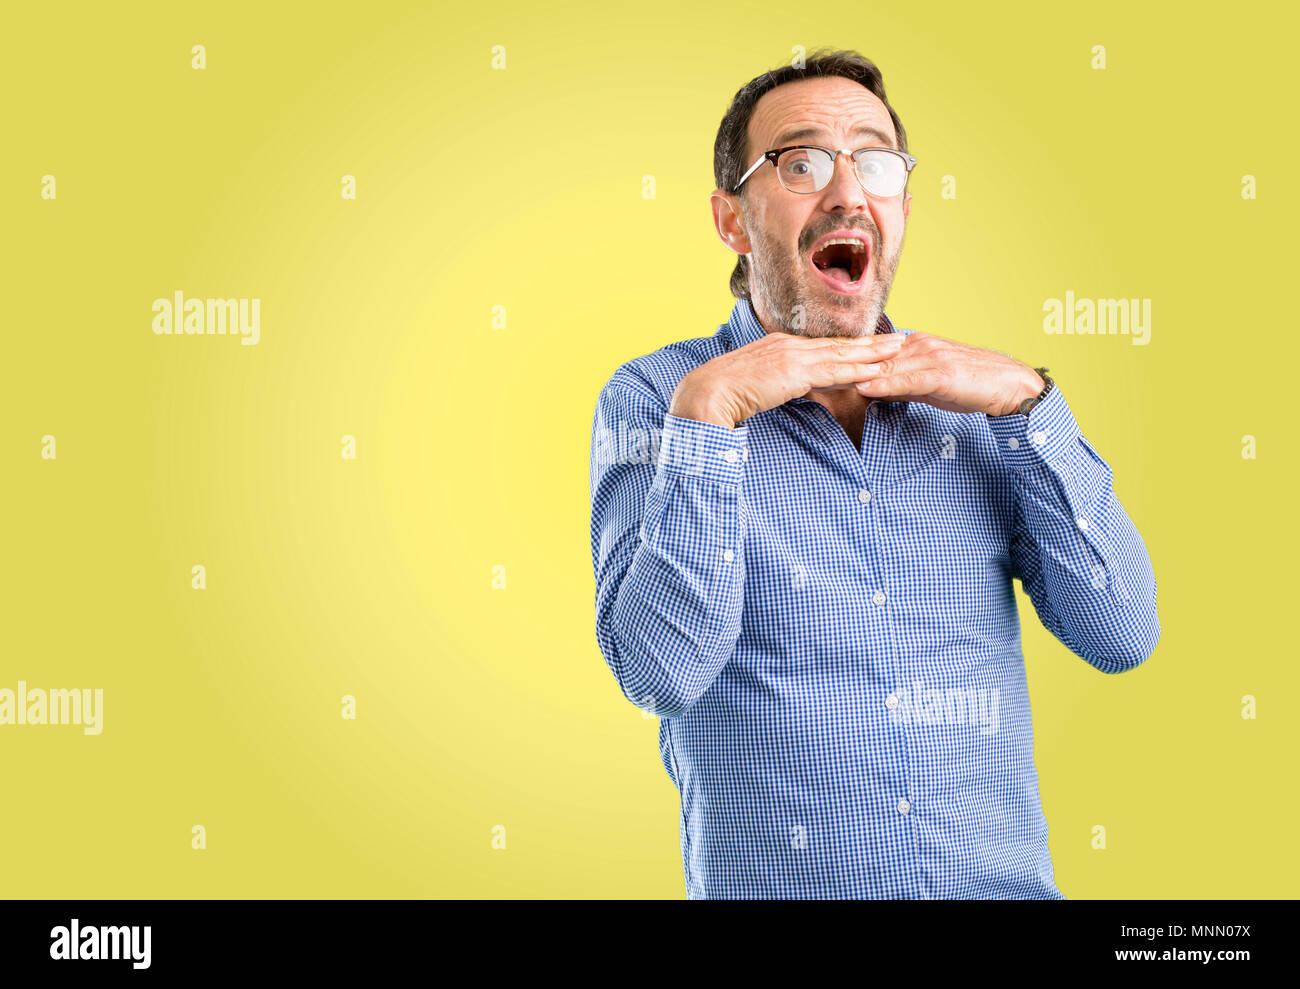 Beau moyen age homme heureux et surpris de l'expression d'encouragement geste wow Photo Stock